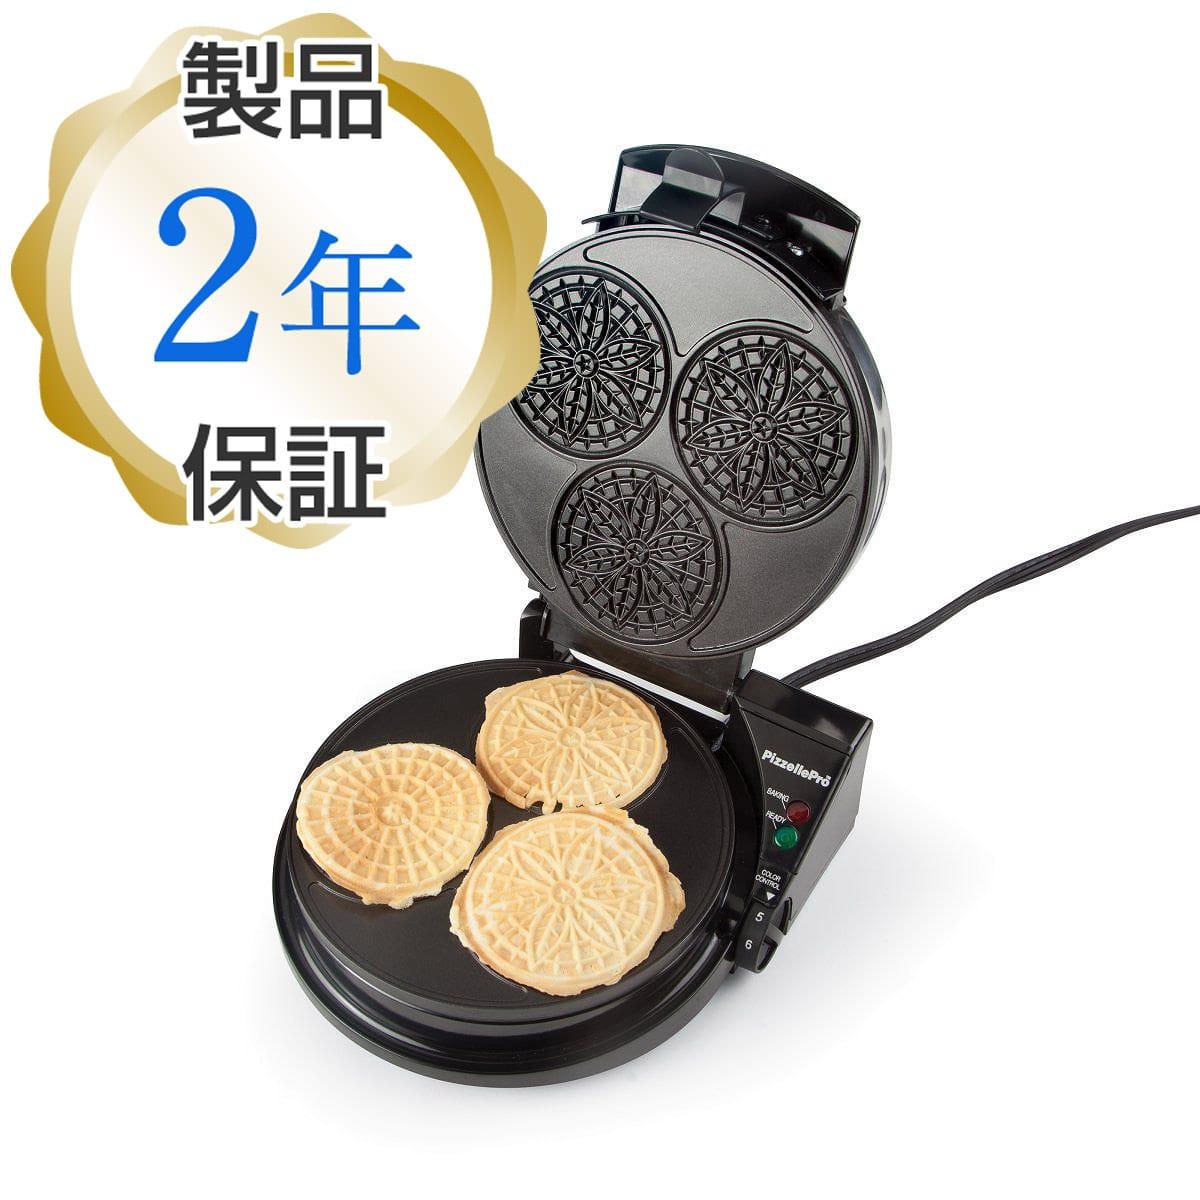 シェフズチョイス ピゼルメーカー 3枚焼 Chef's Choice 835 Pizzelle Maker 家電